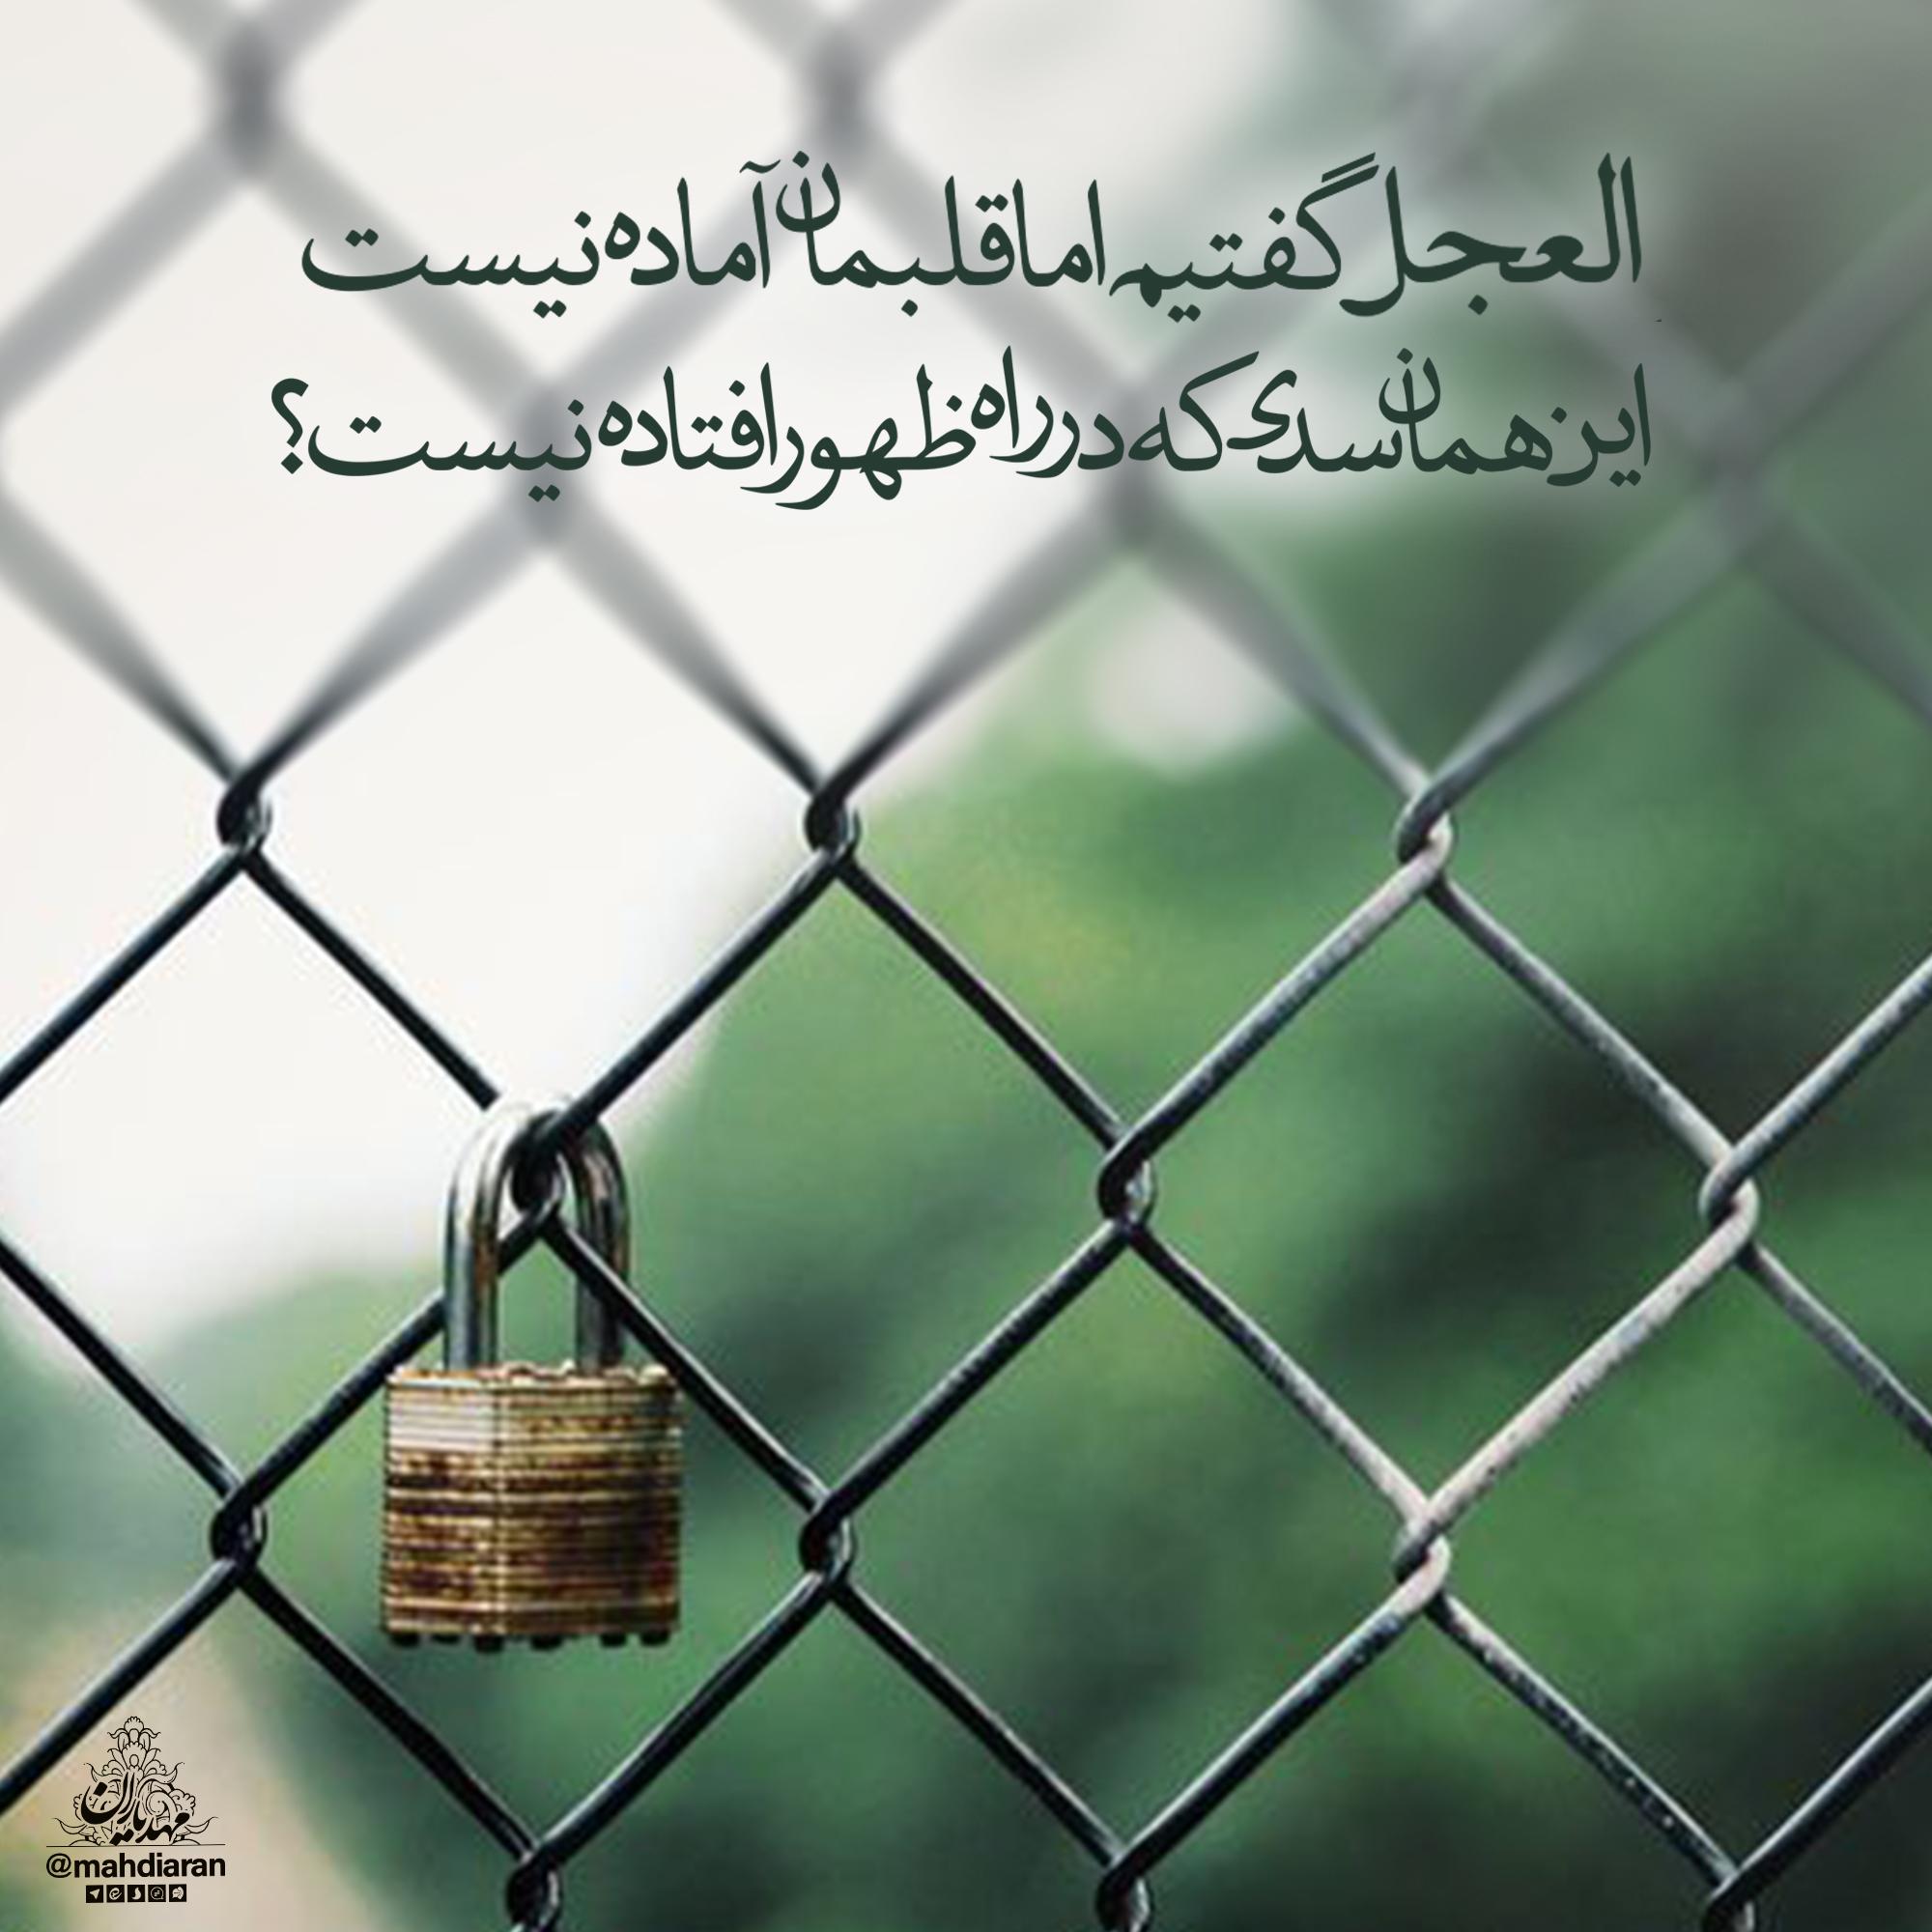 العجل گفتیم اما قلبمان آماده نیست / این همان سدی که در راه ظهور افتاده نیست؟